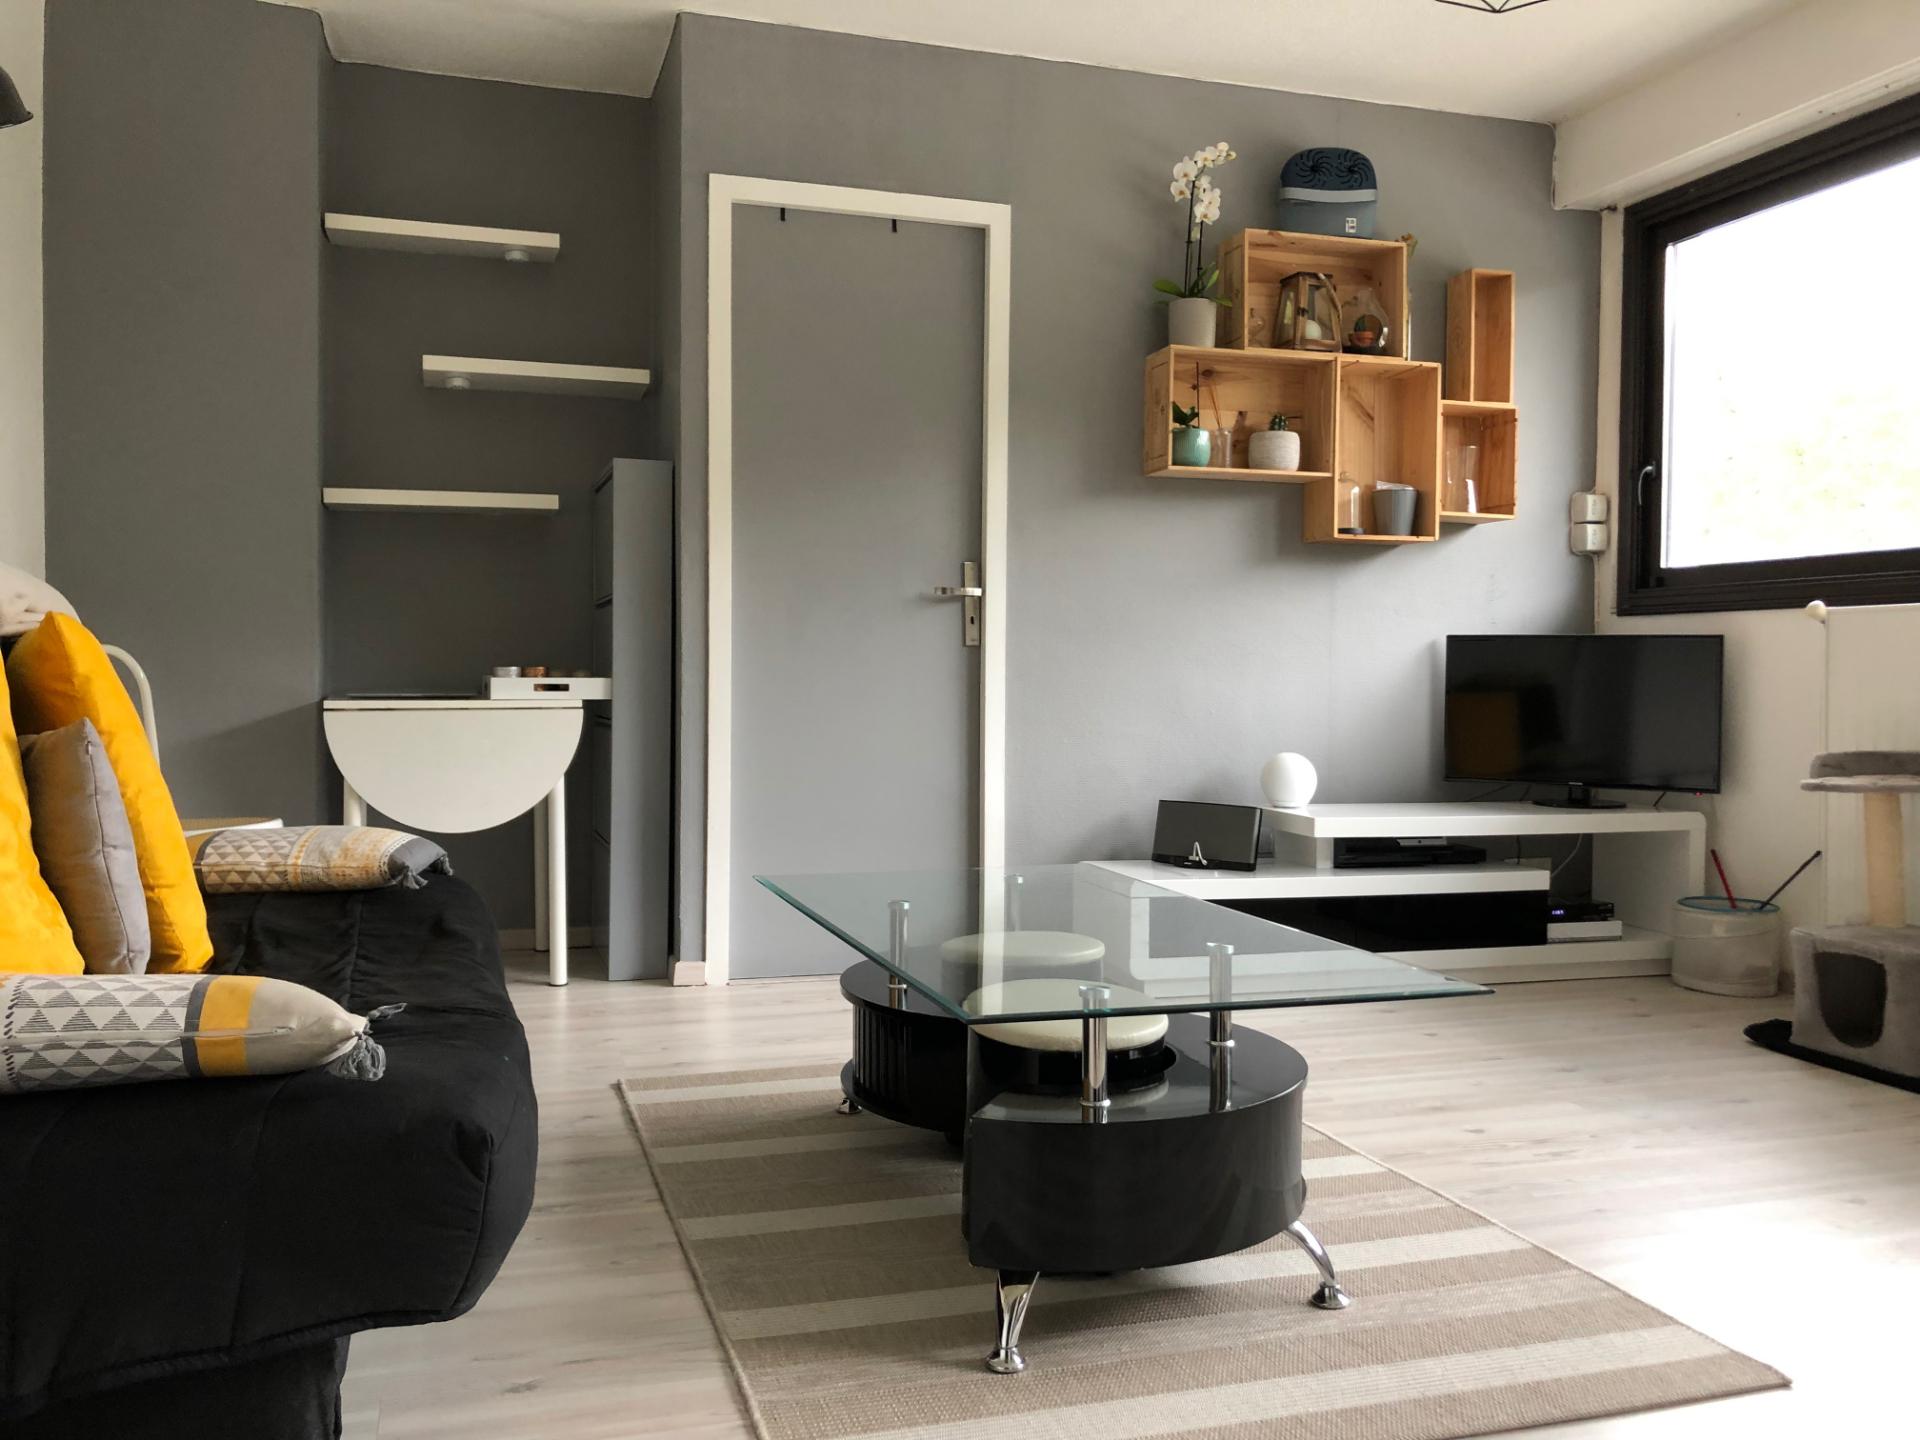 appartement bordeaux 2 pièce(s) 39 m2 - stéphane plaza immobilier